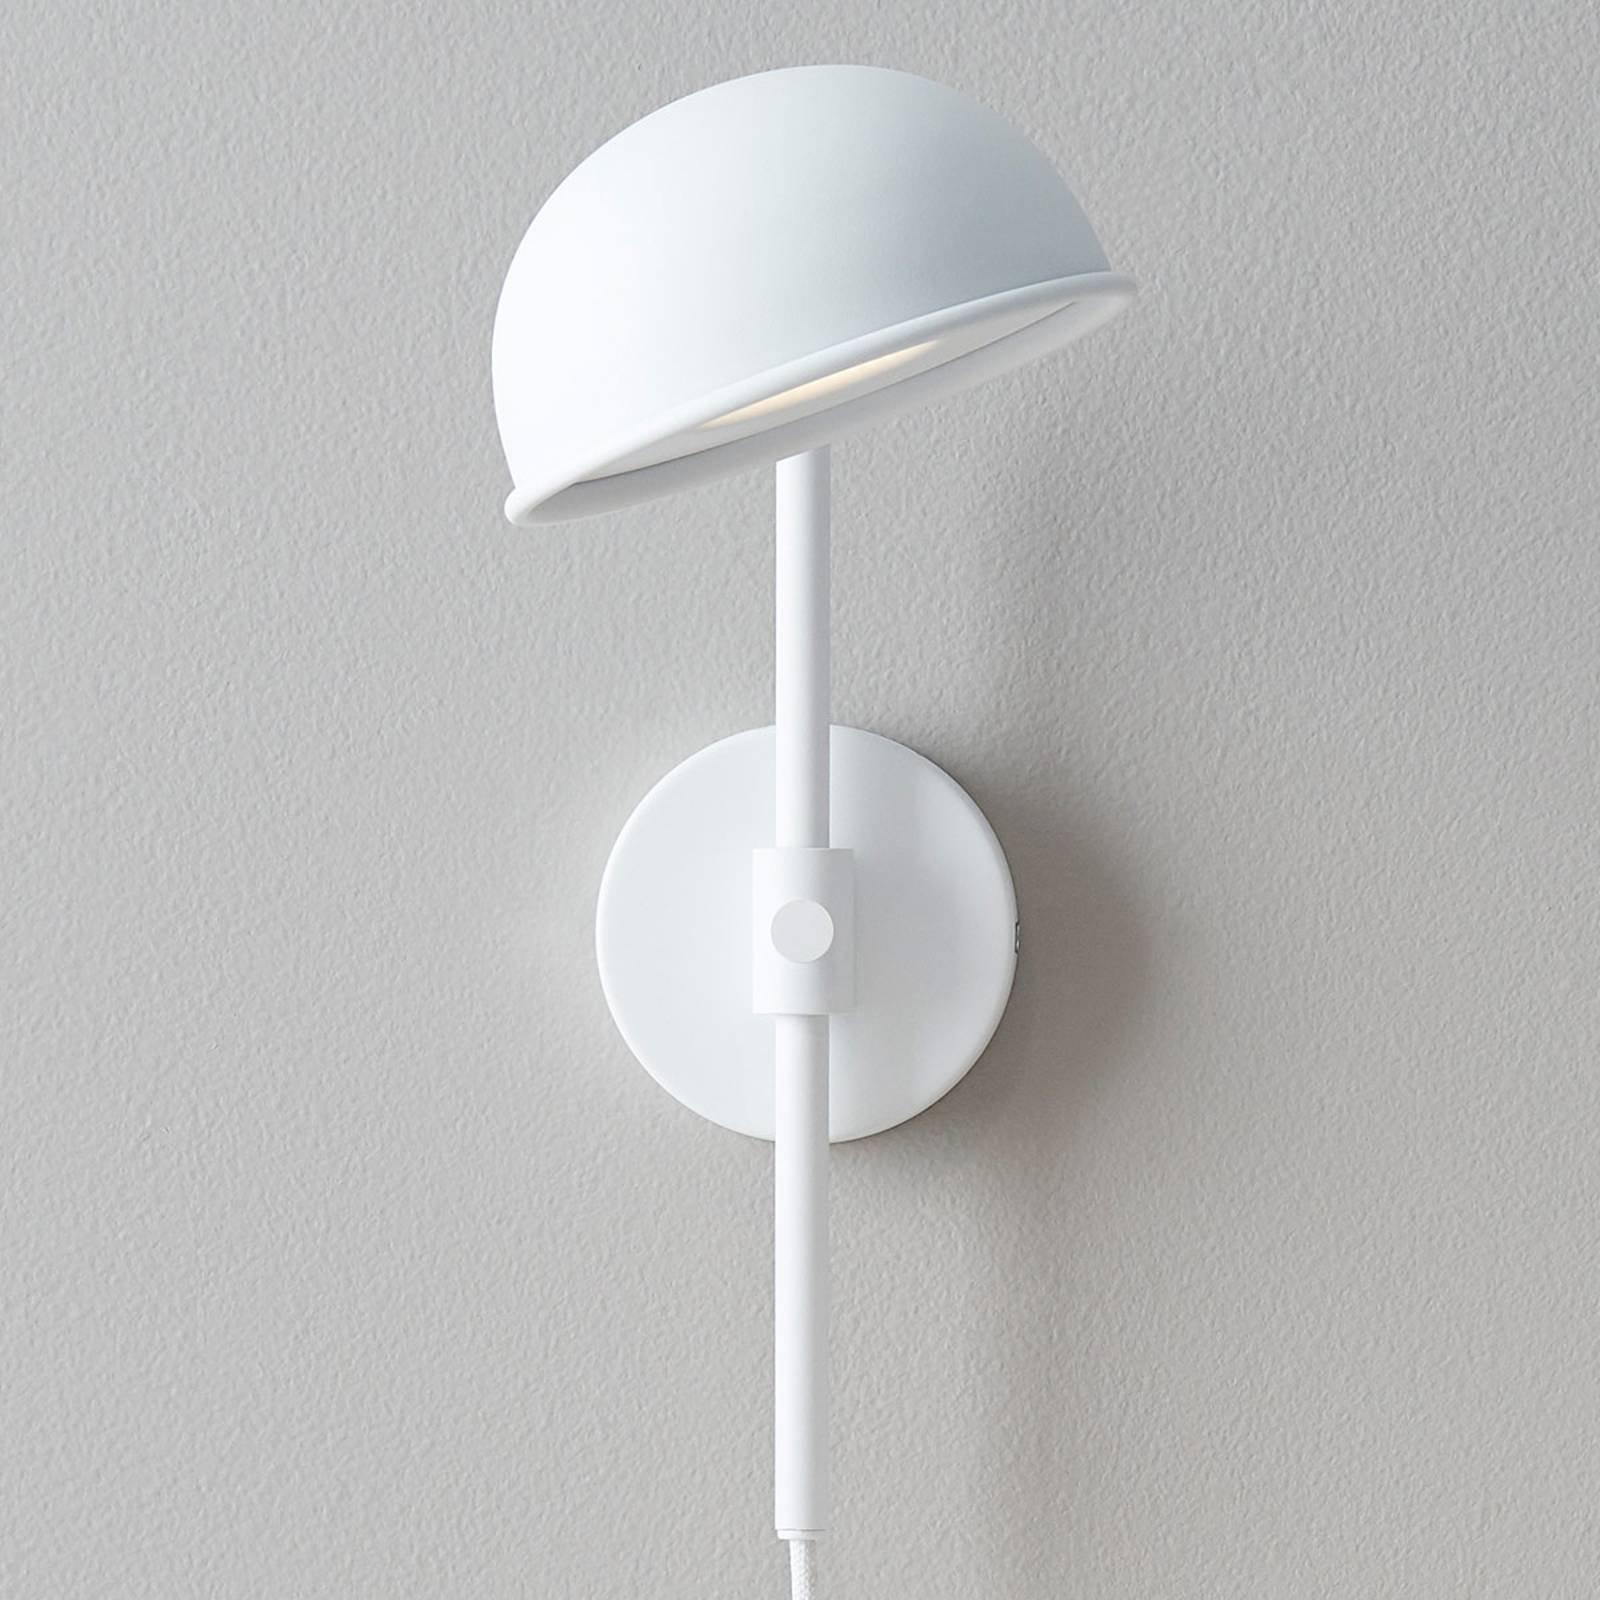 LED-vegglampe Bolero med dimmer, hvit